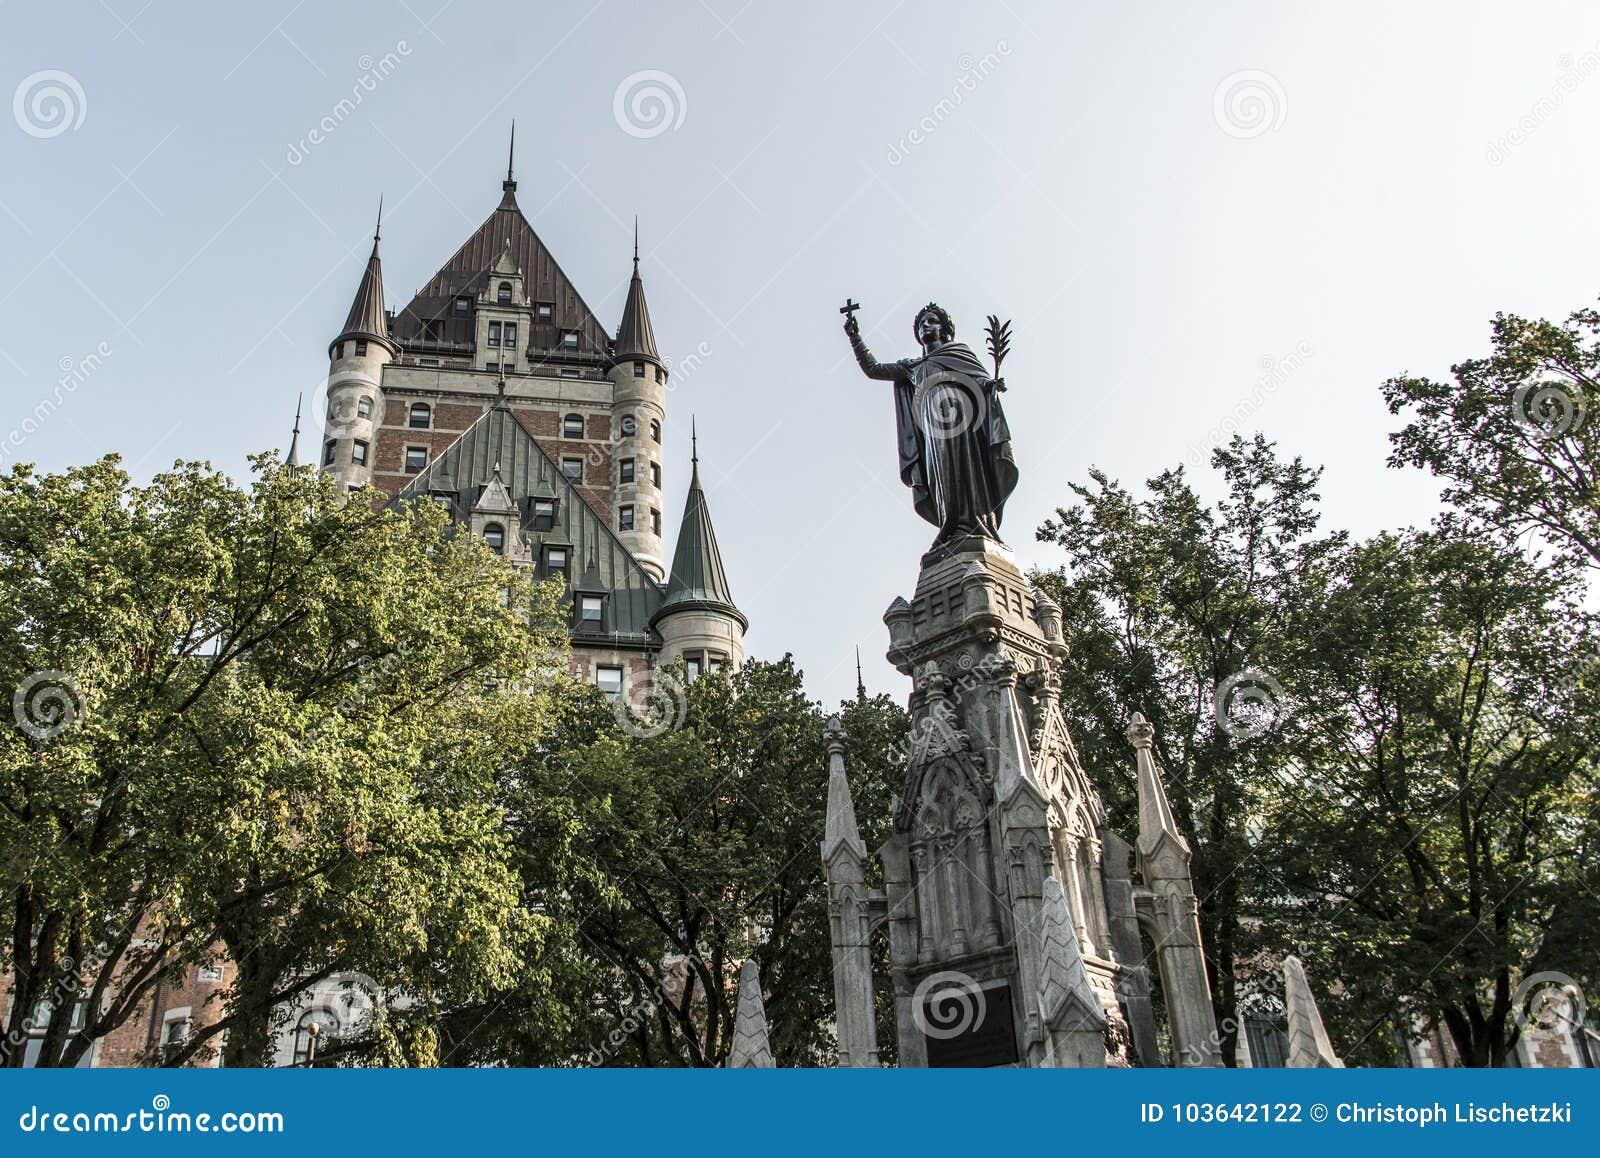 加拿大魁北克市信念妇女的喷泉纪念碑在大别墅Frontenac旅游胜地联合国科教文组织遗产前面的